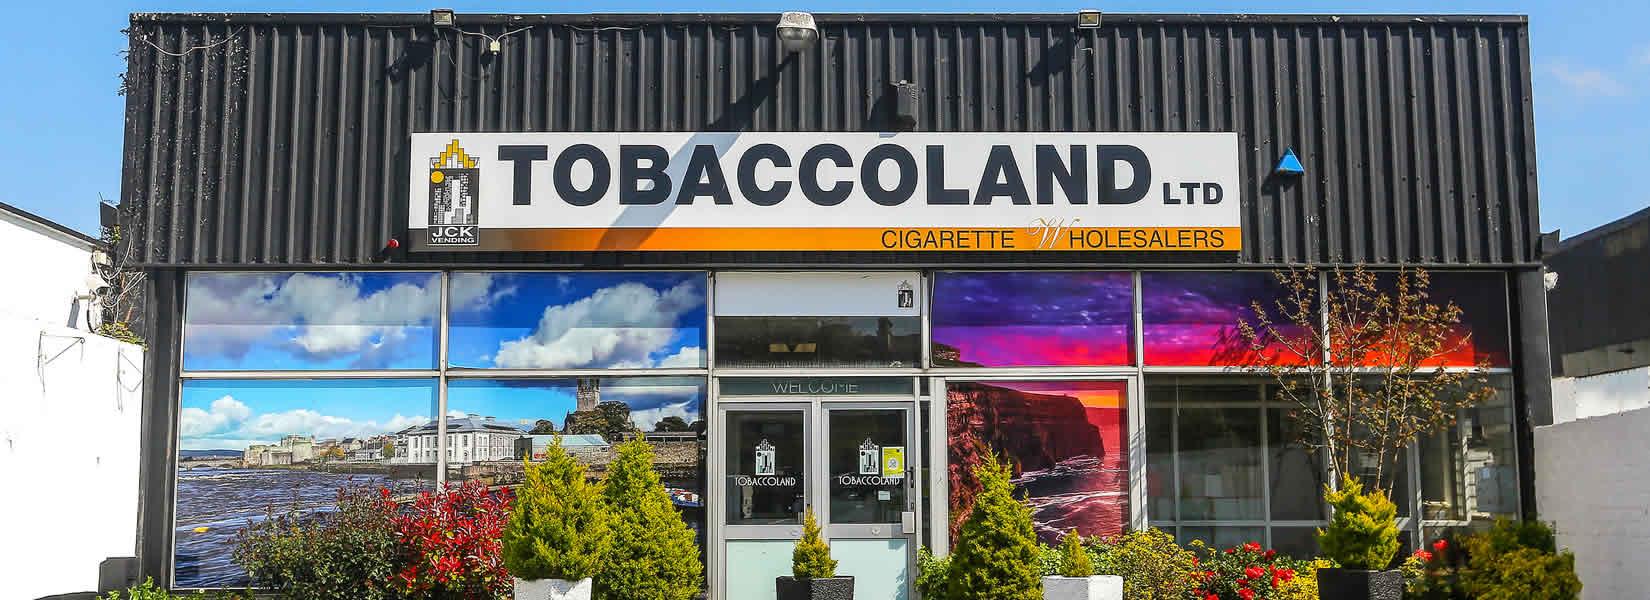 Tobaccoland Cigarette Vending